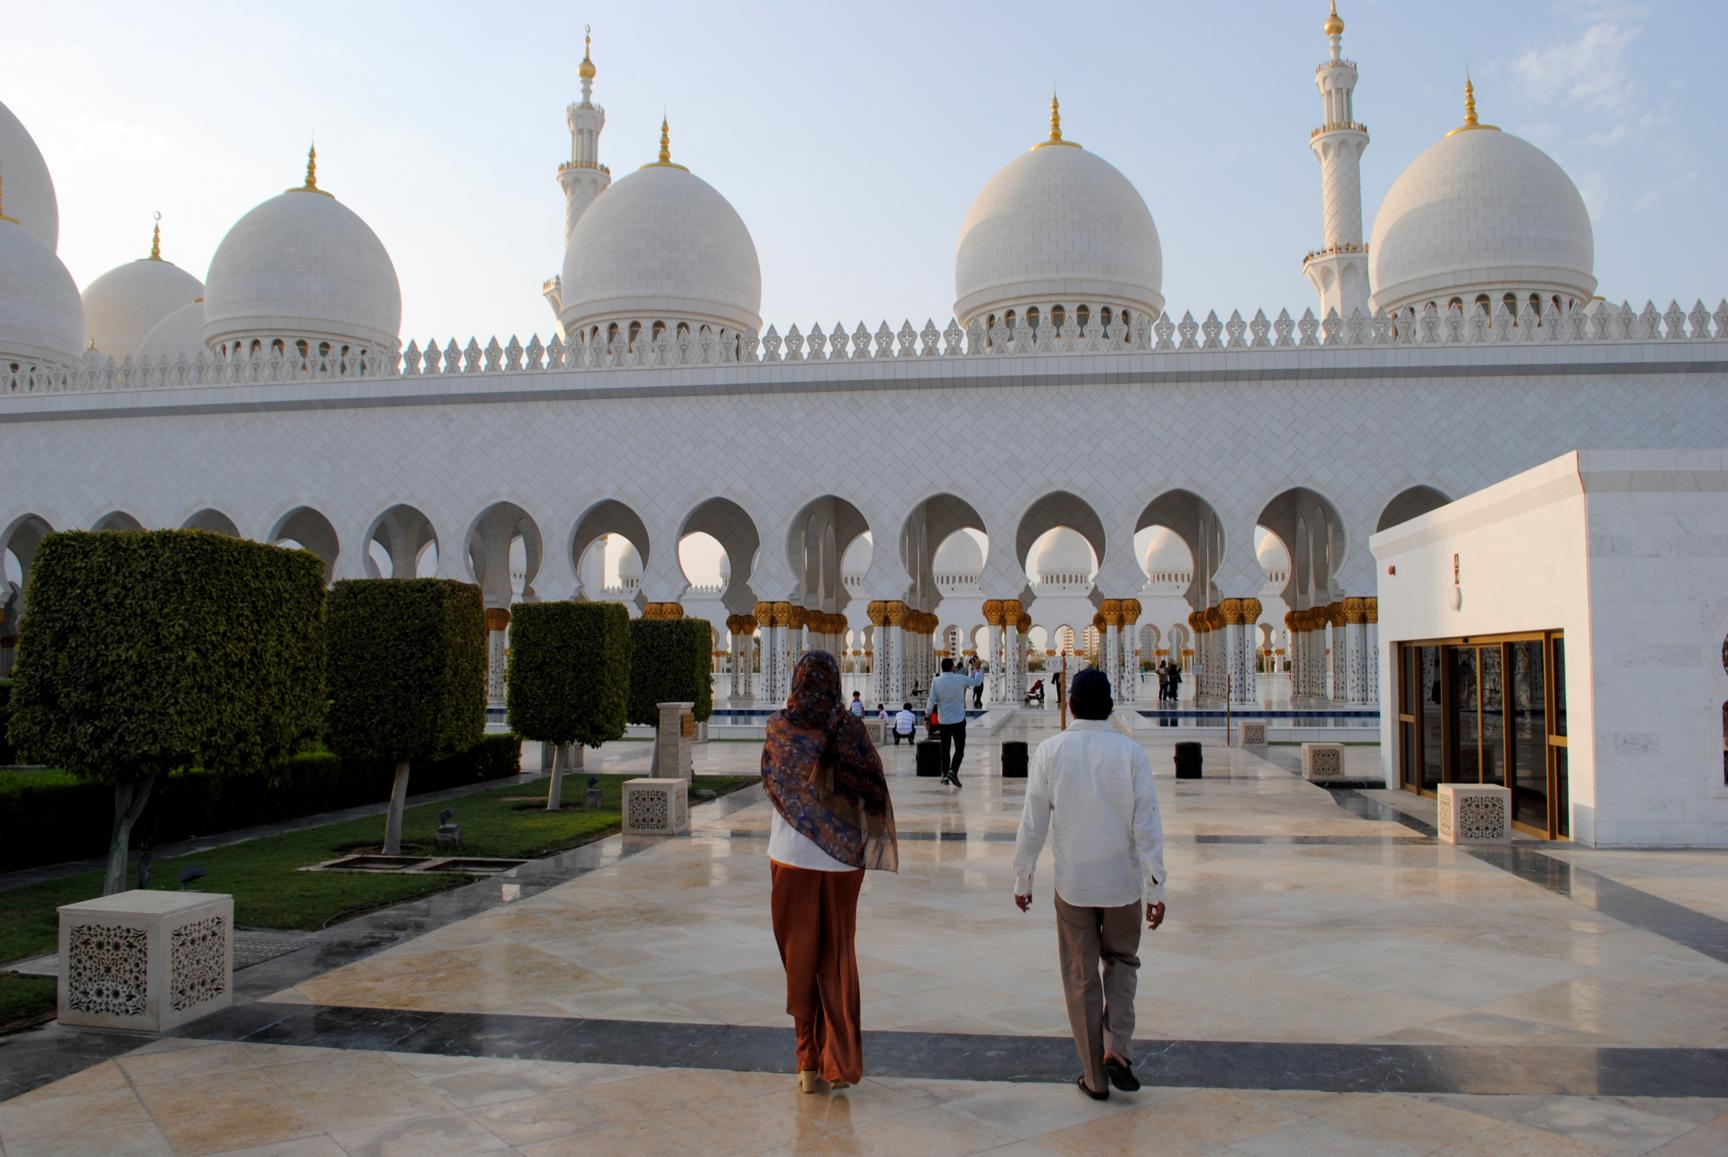 mezquita-abu-dhabi-17